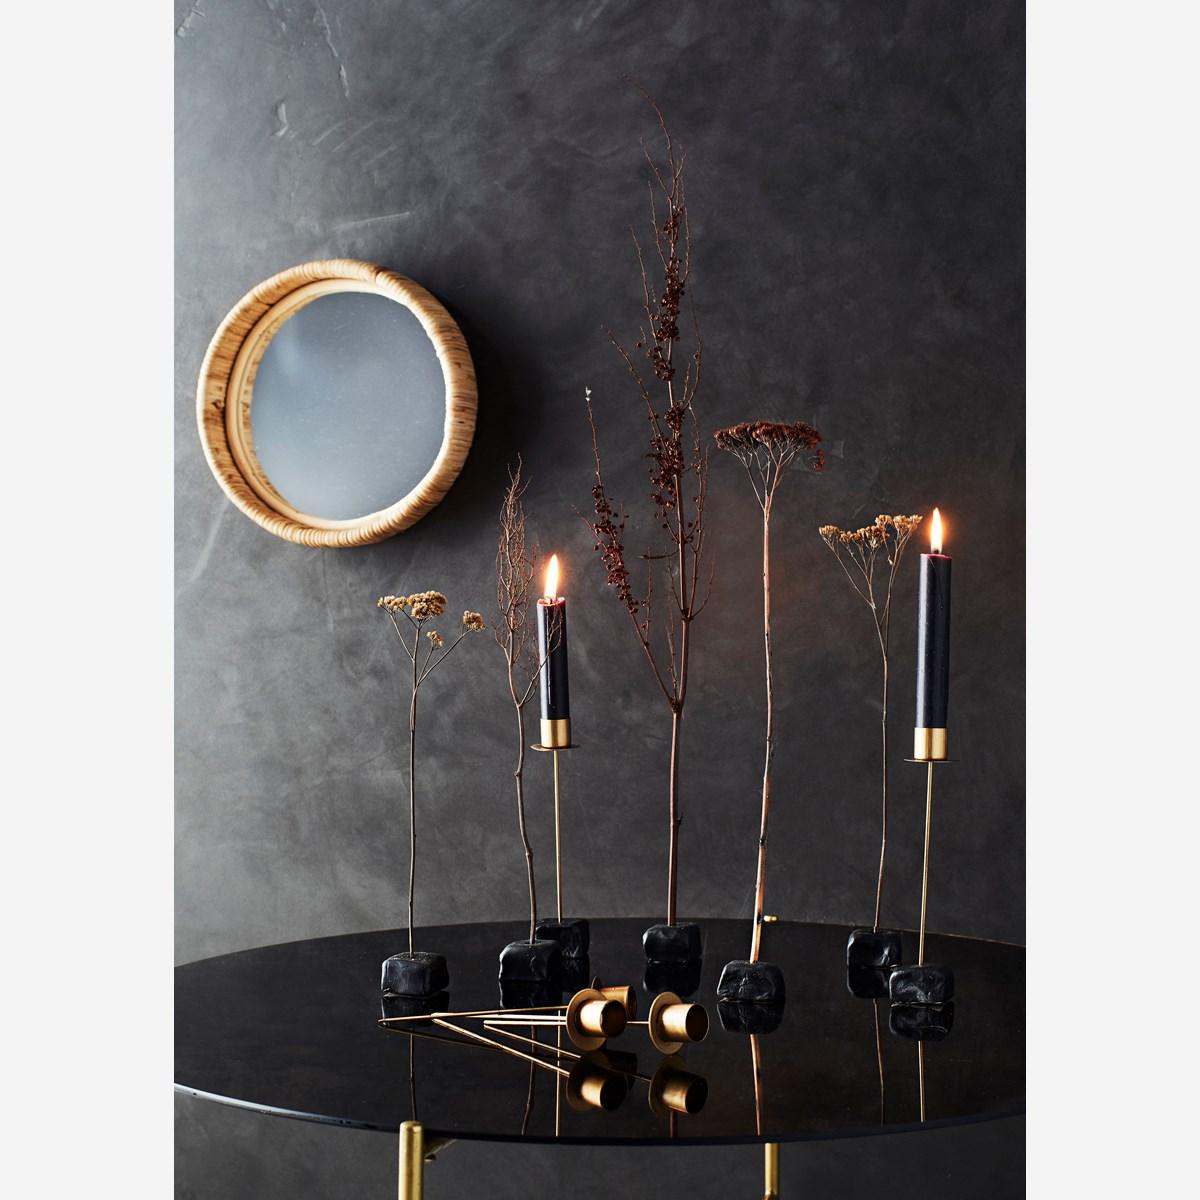 Miroir rond bord en bambou ø27cm * Madam Stoltz